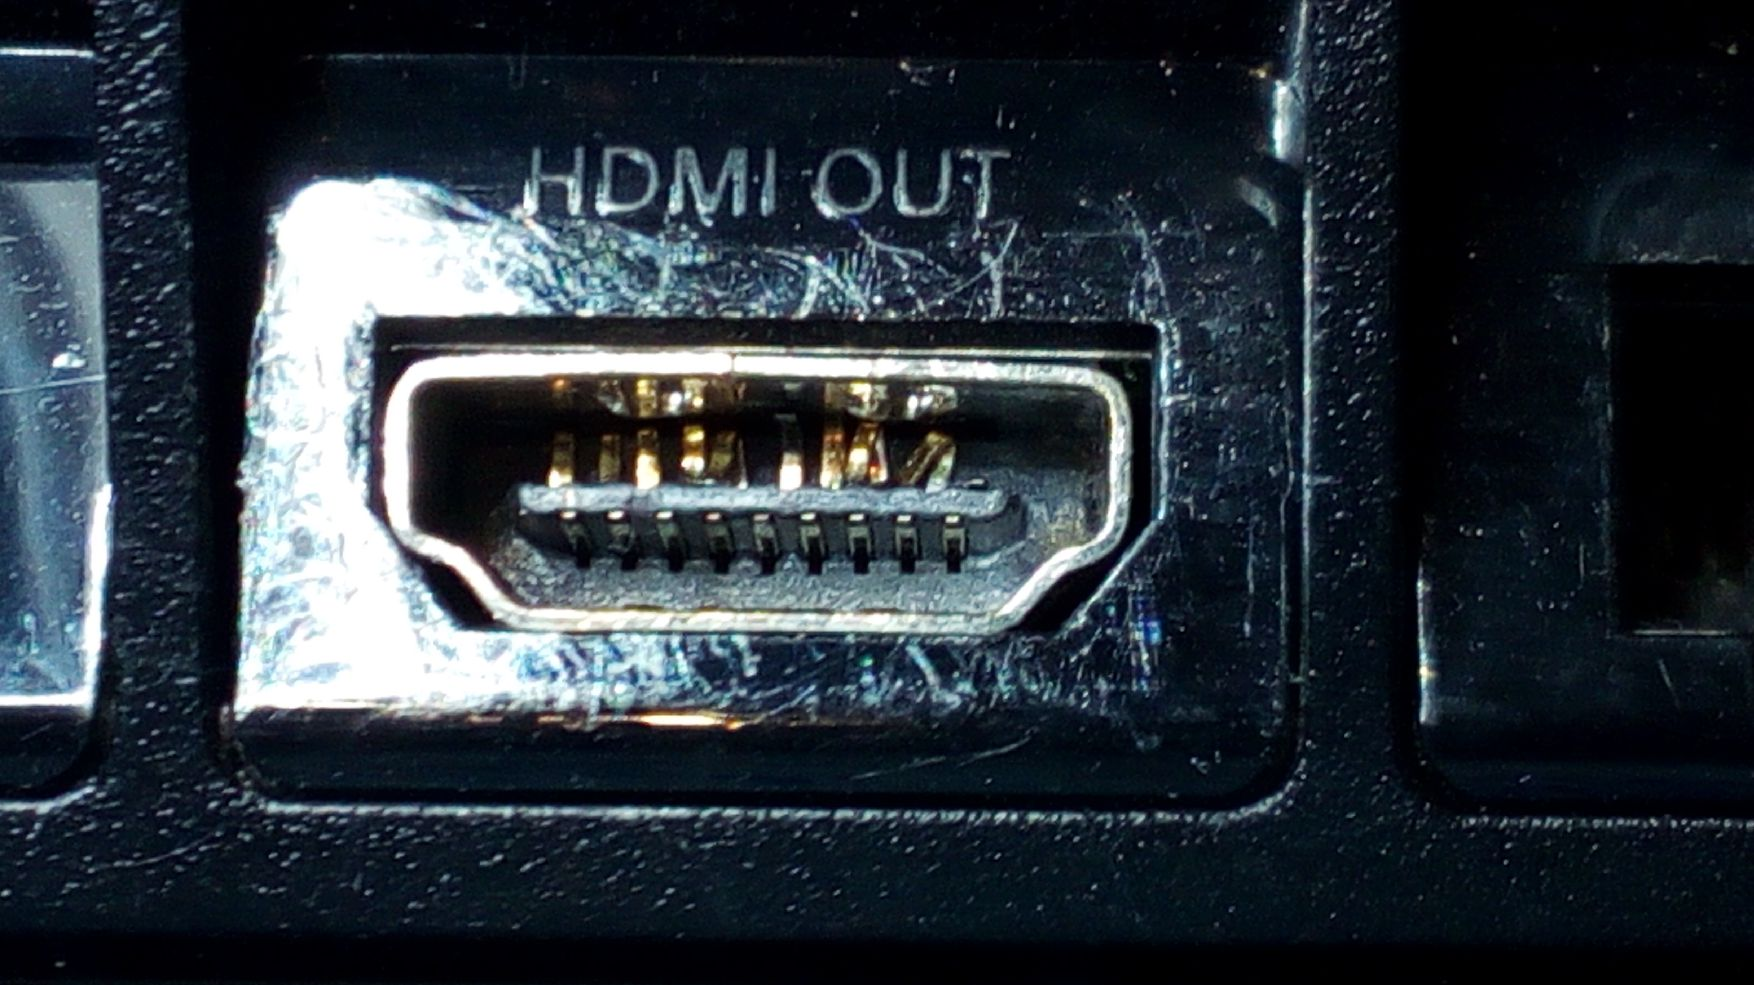 PS4 FAT Gen.1 - 3 Altes Model Startet und Leuchtet Weiß bringt aber kein Bild auf den Fernseher. HDMI Port Anschluss Reparatur 49,00€ Weitere Details unten.